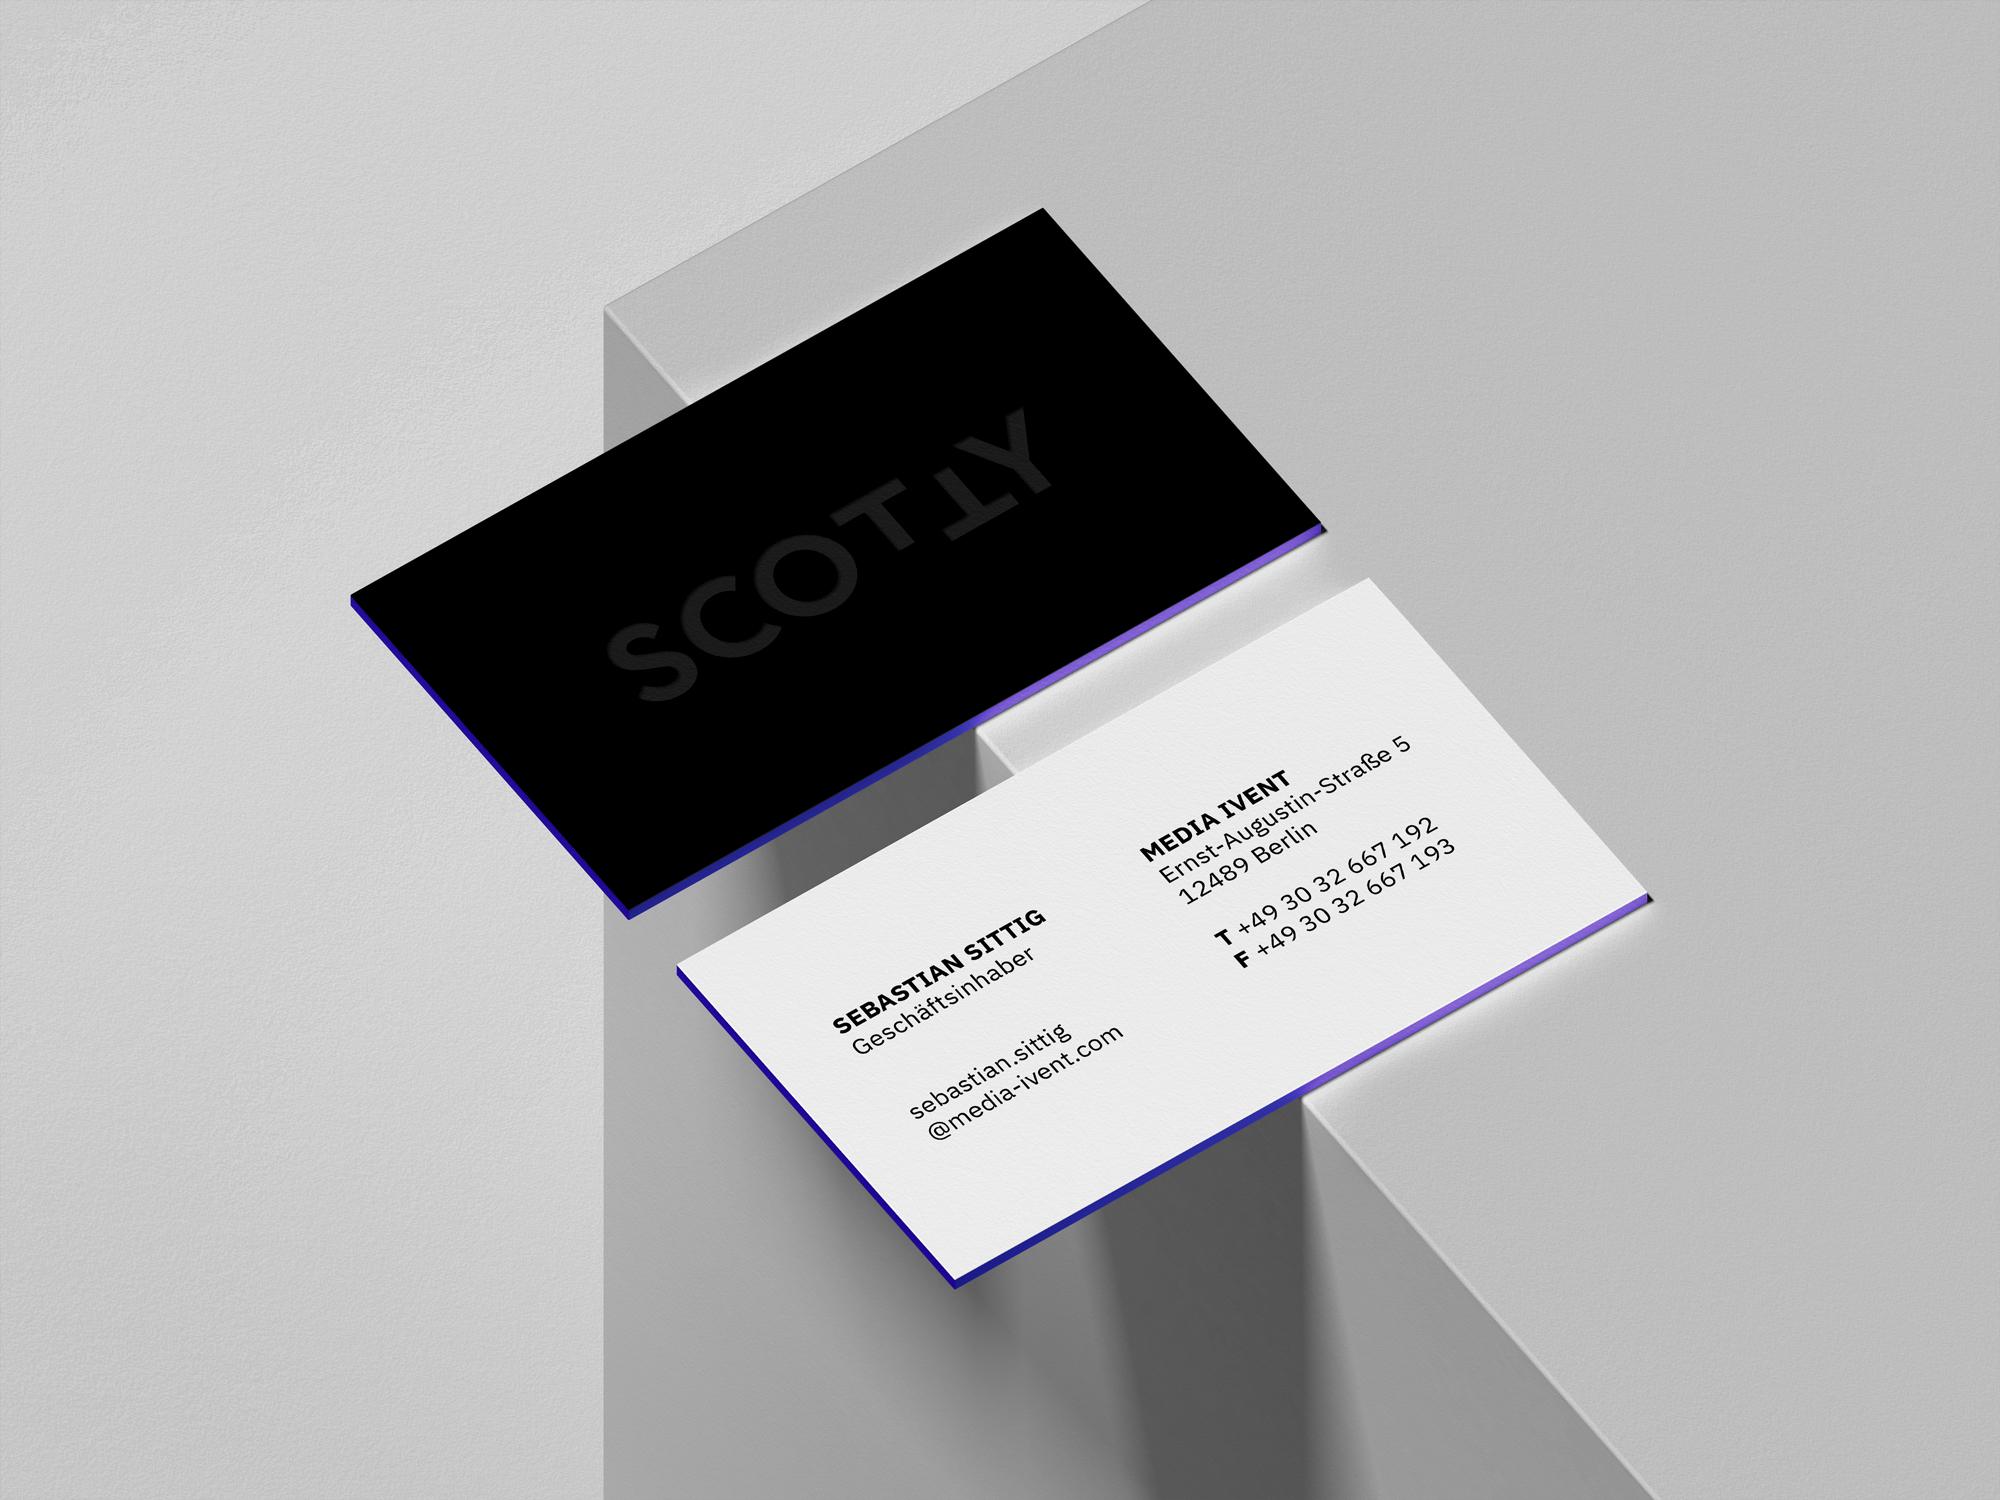 VS_Scotty_03